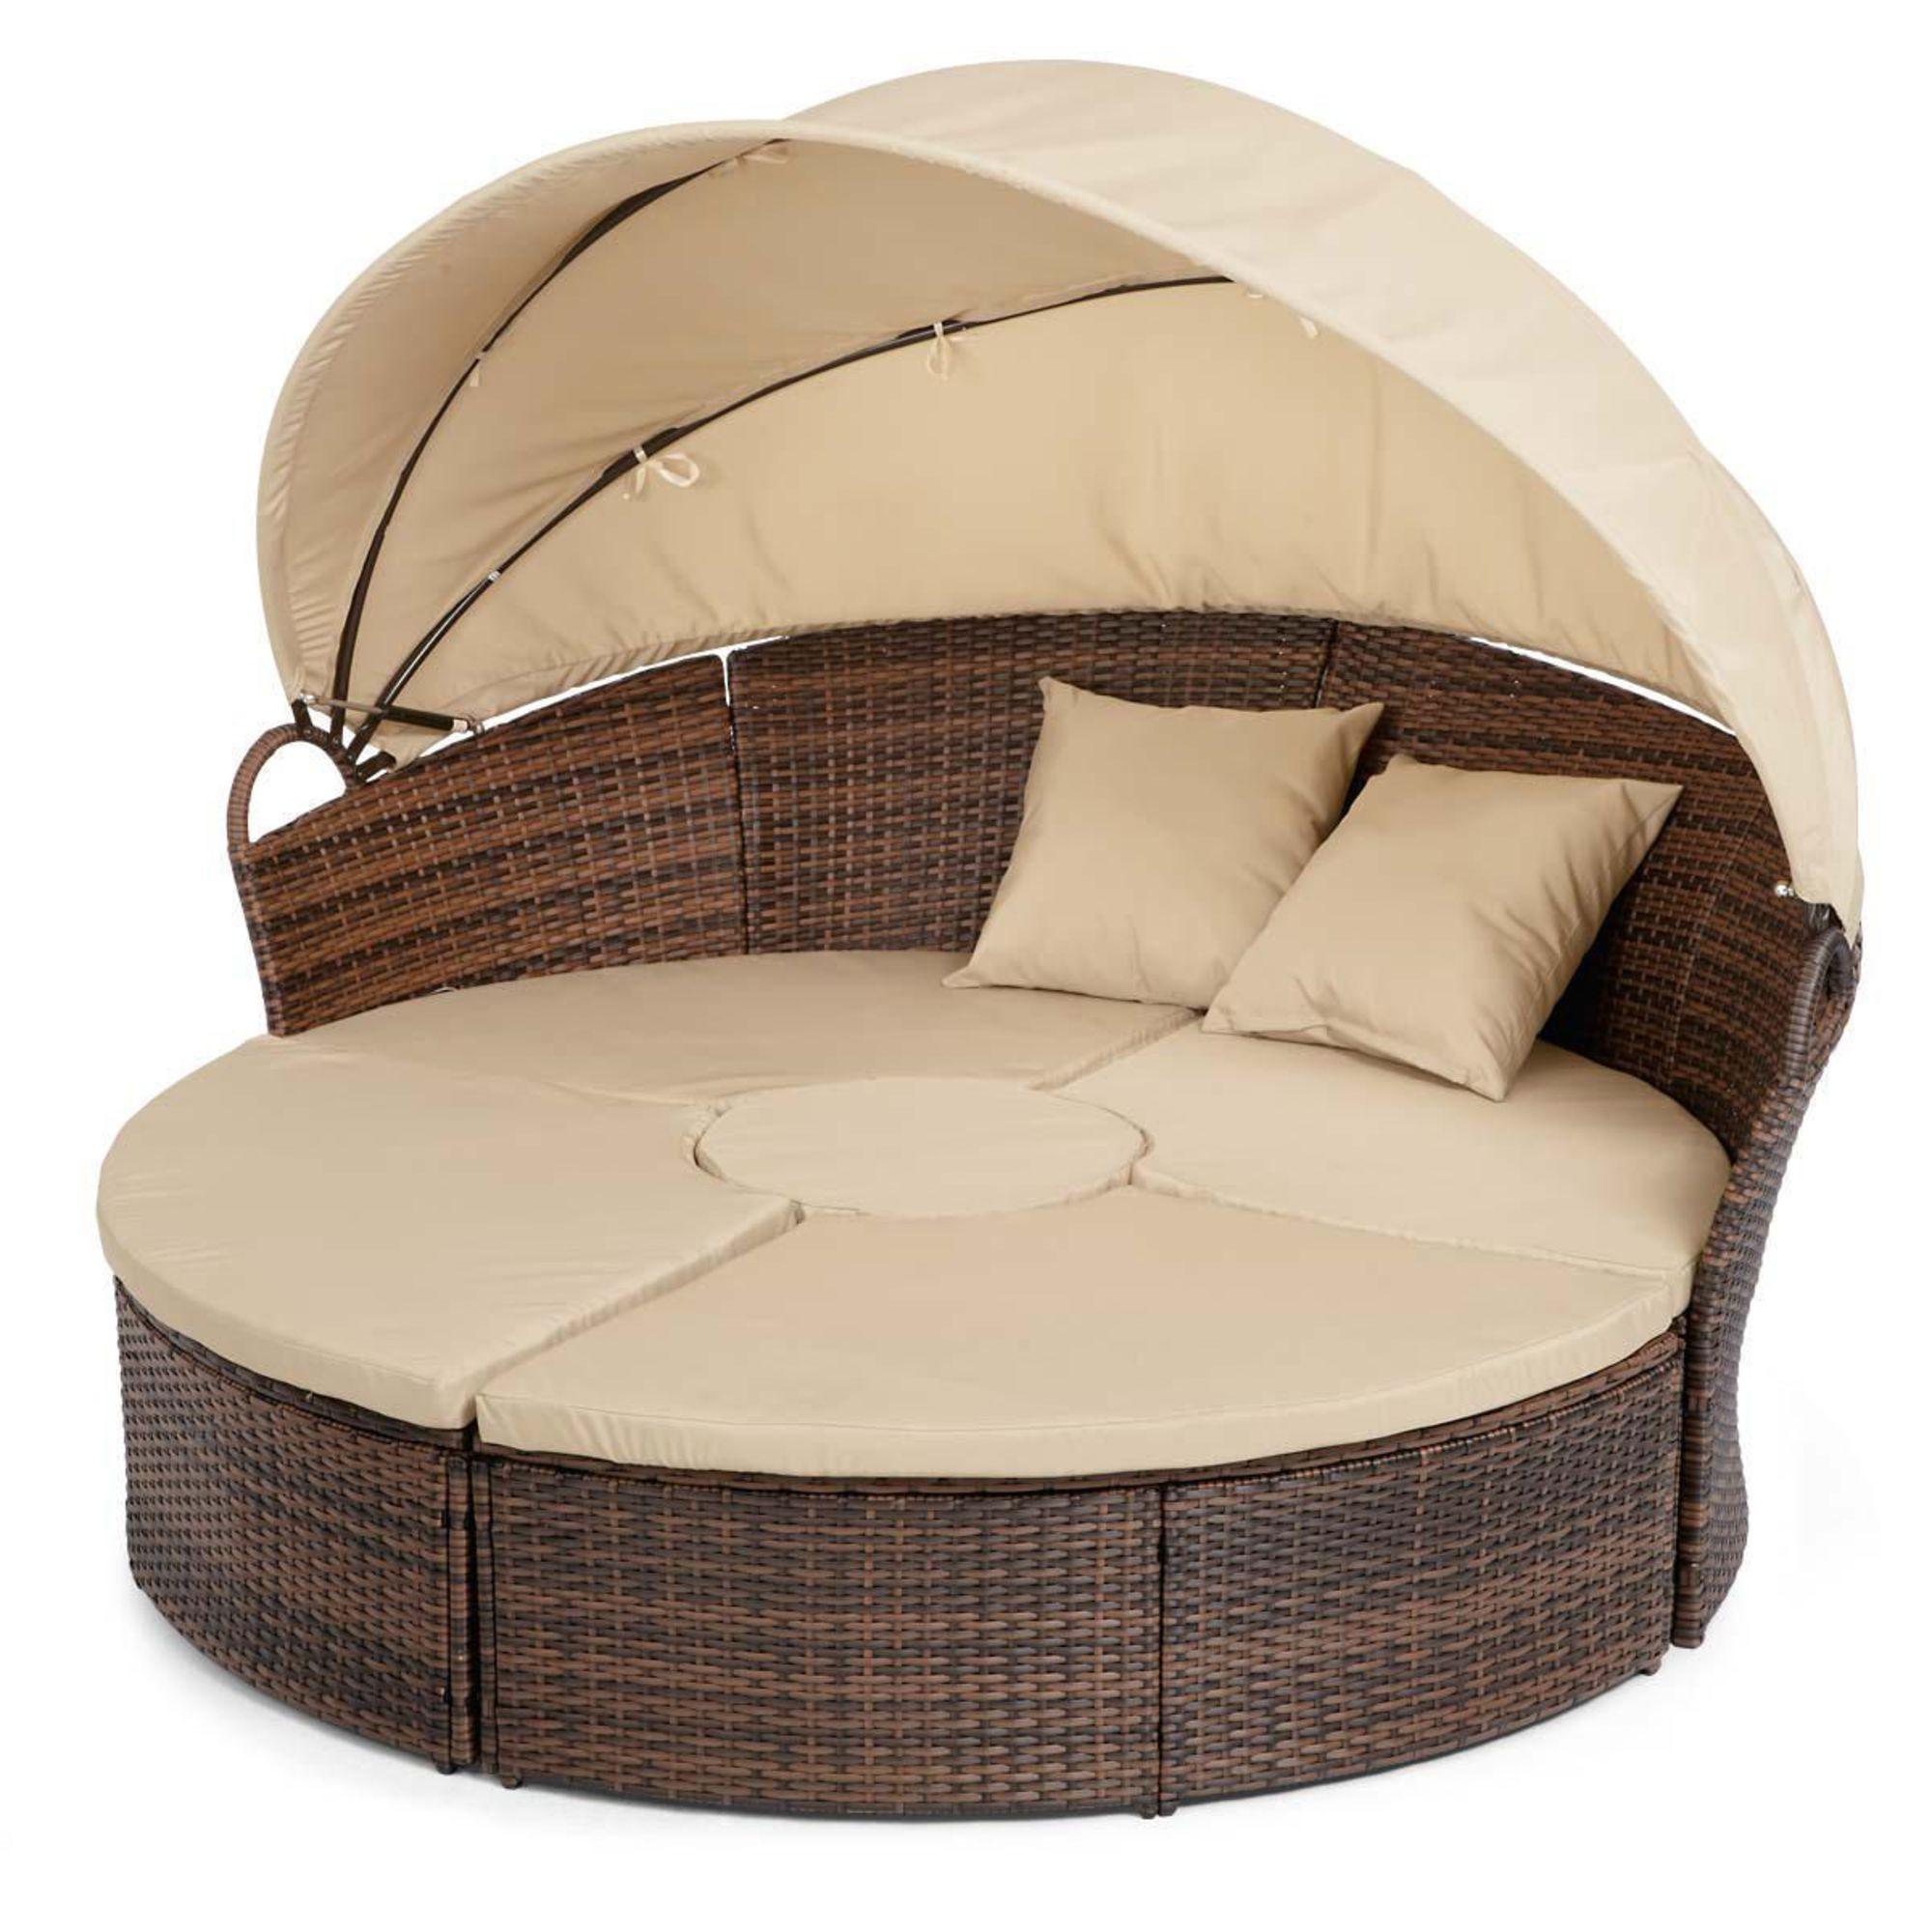 runde sonneninsel sonnenliege mit sonnendach aus rattan in. Black Bedroom Furniture Sets. Home Design Ideas